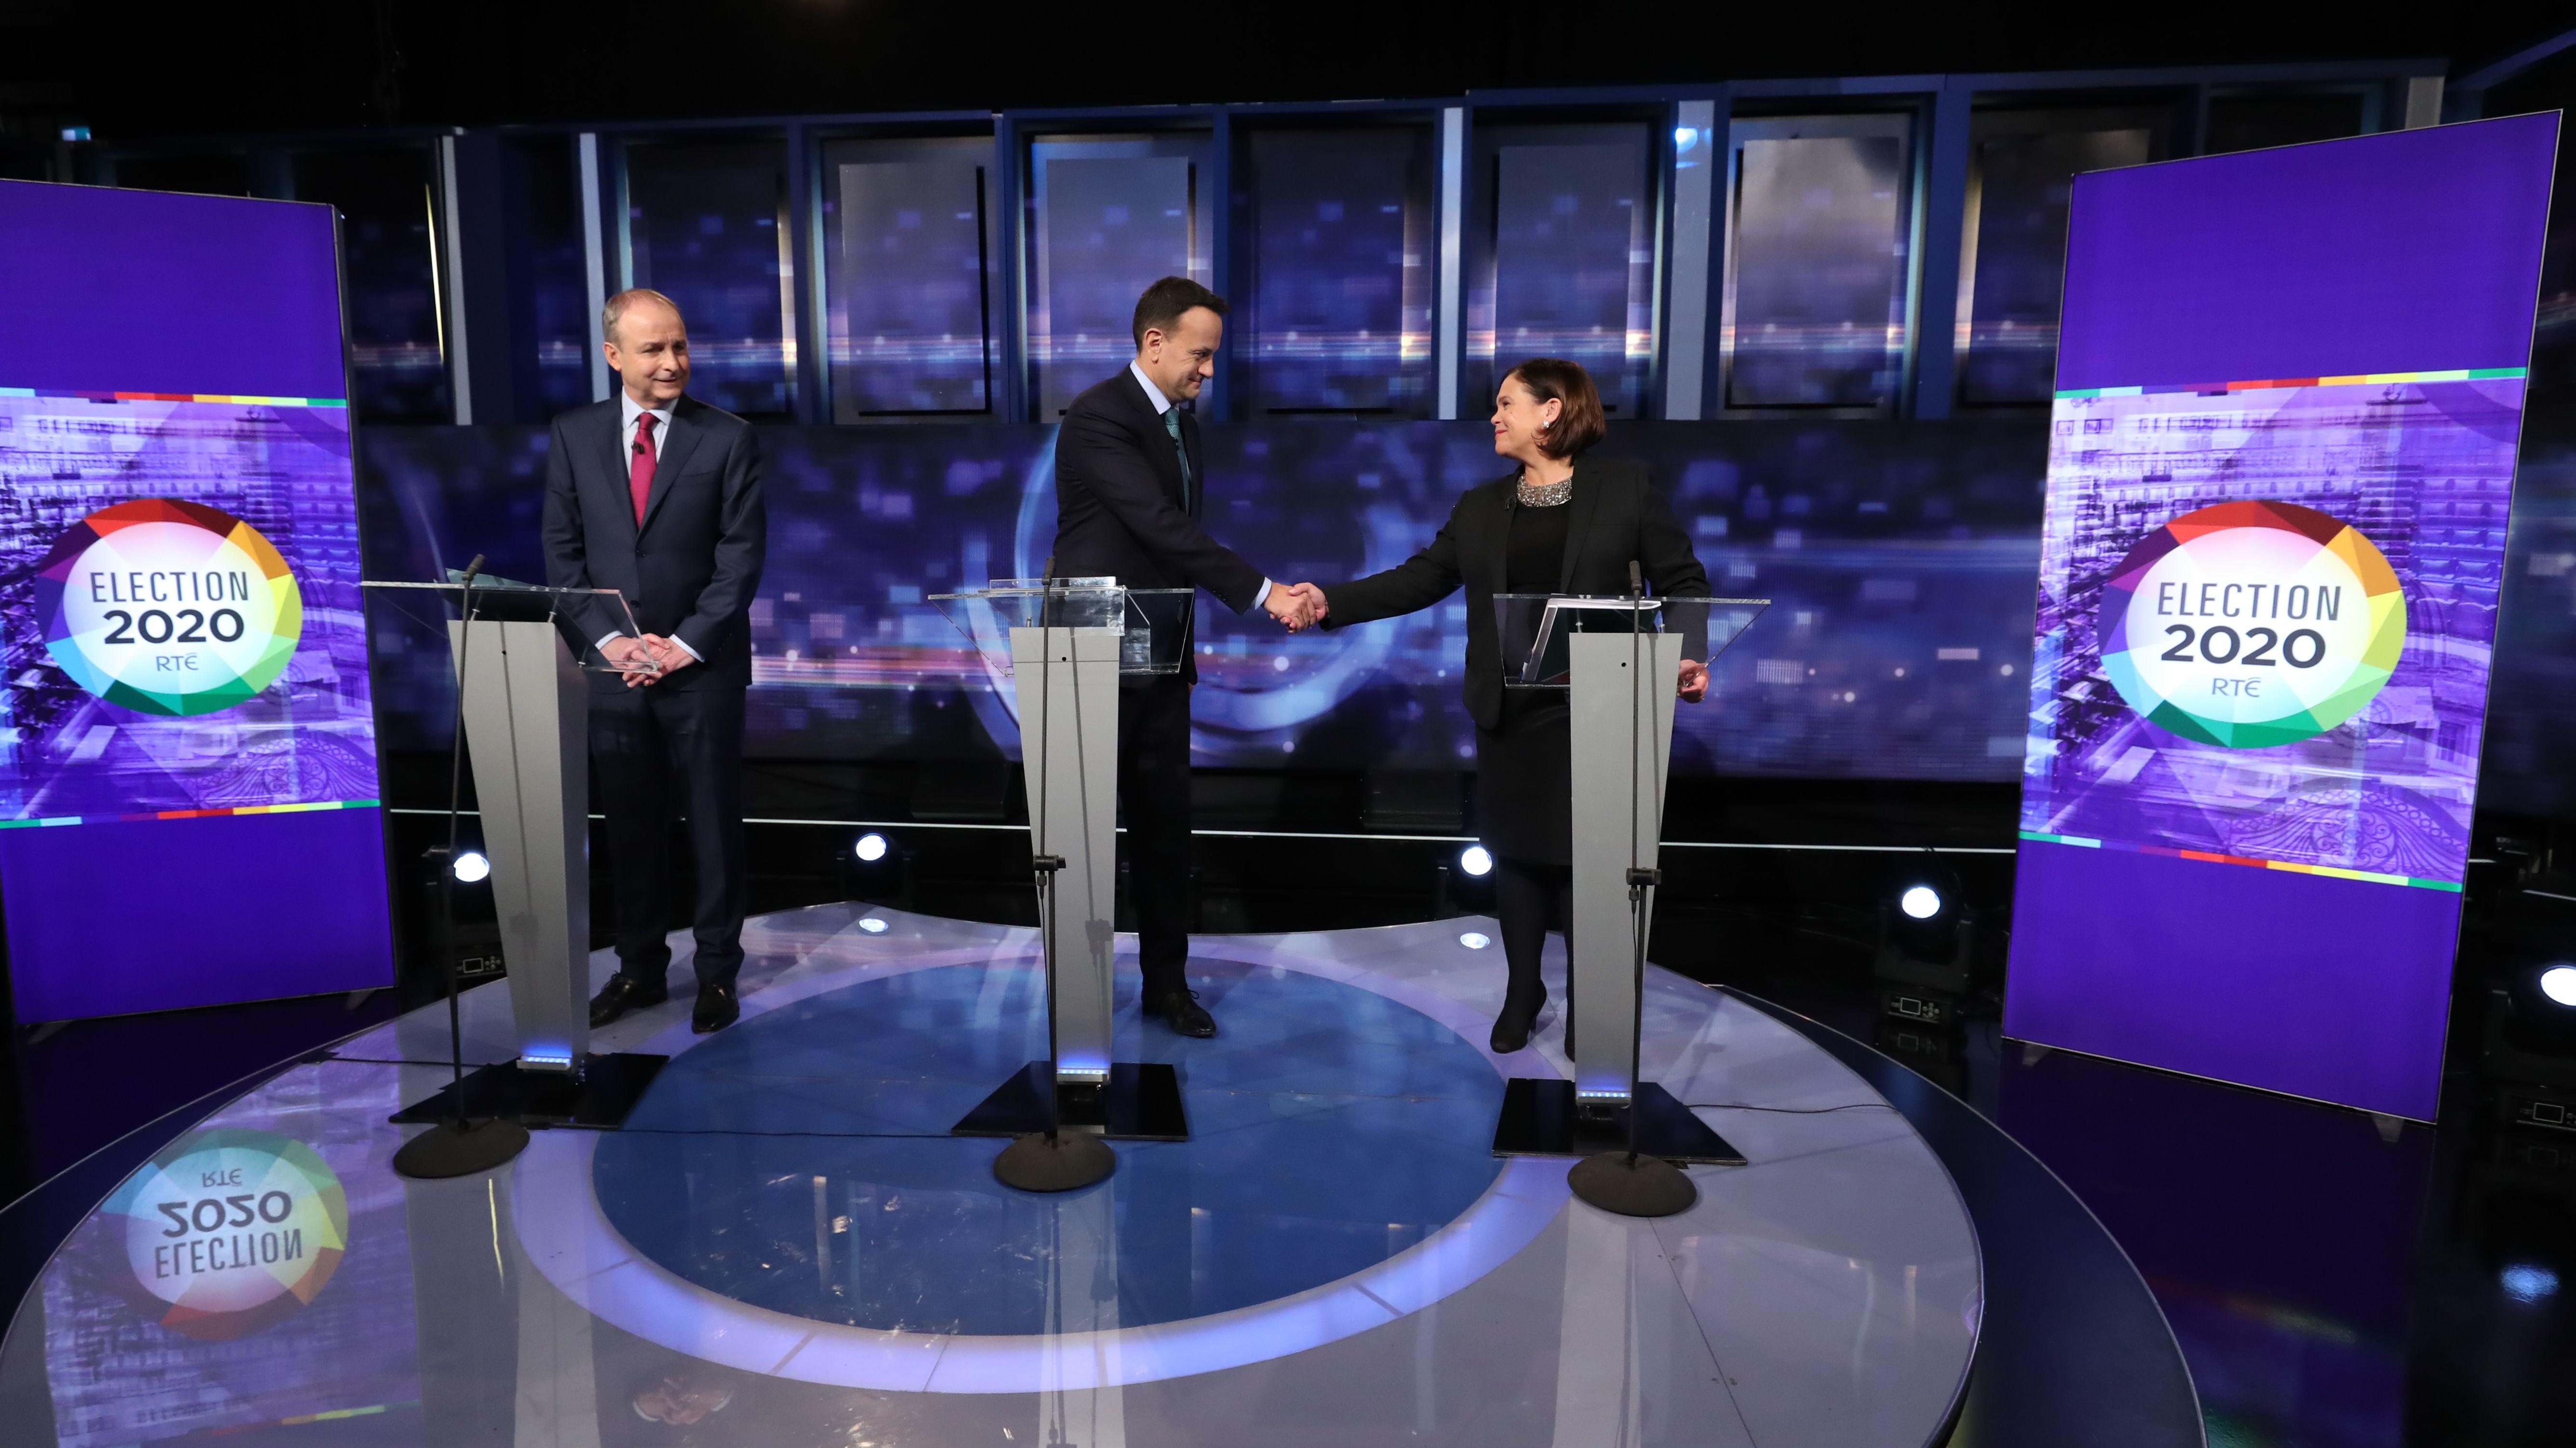 Wahlkampfsendung im irischen TV